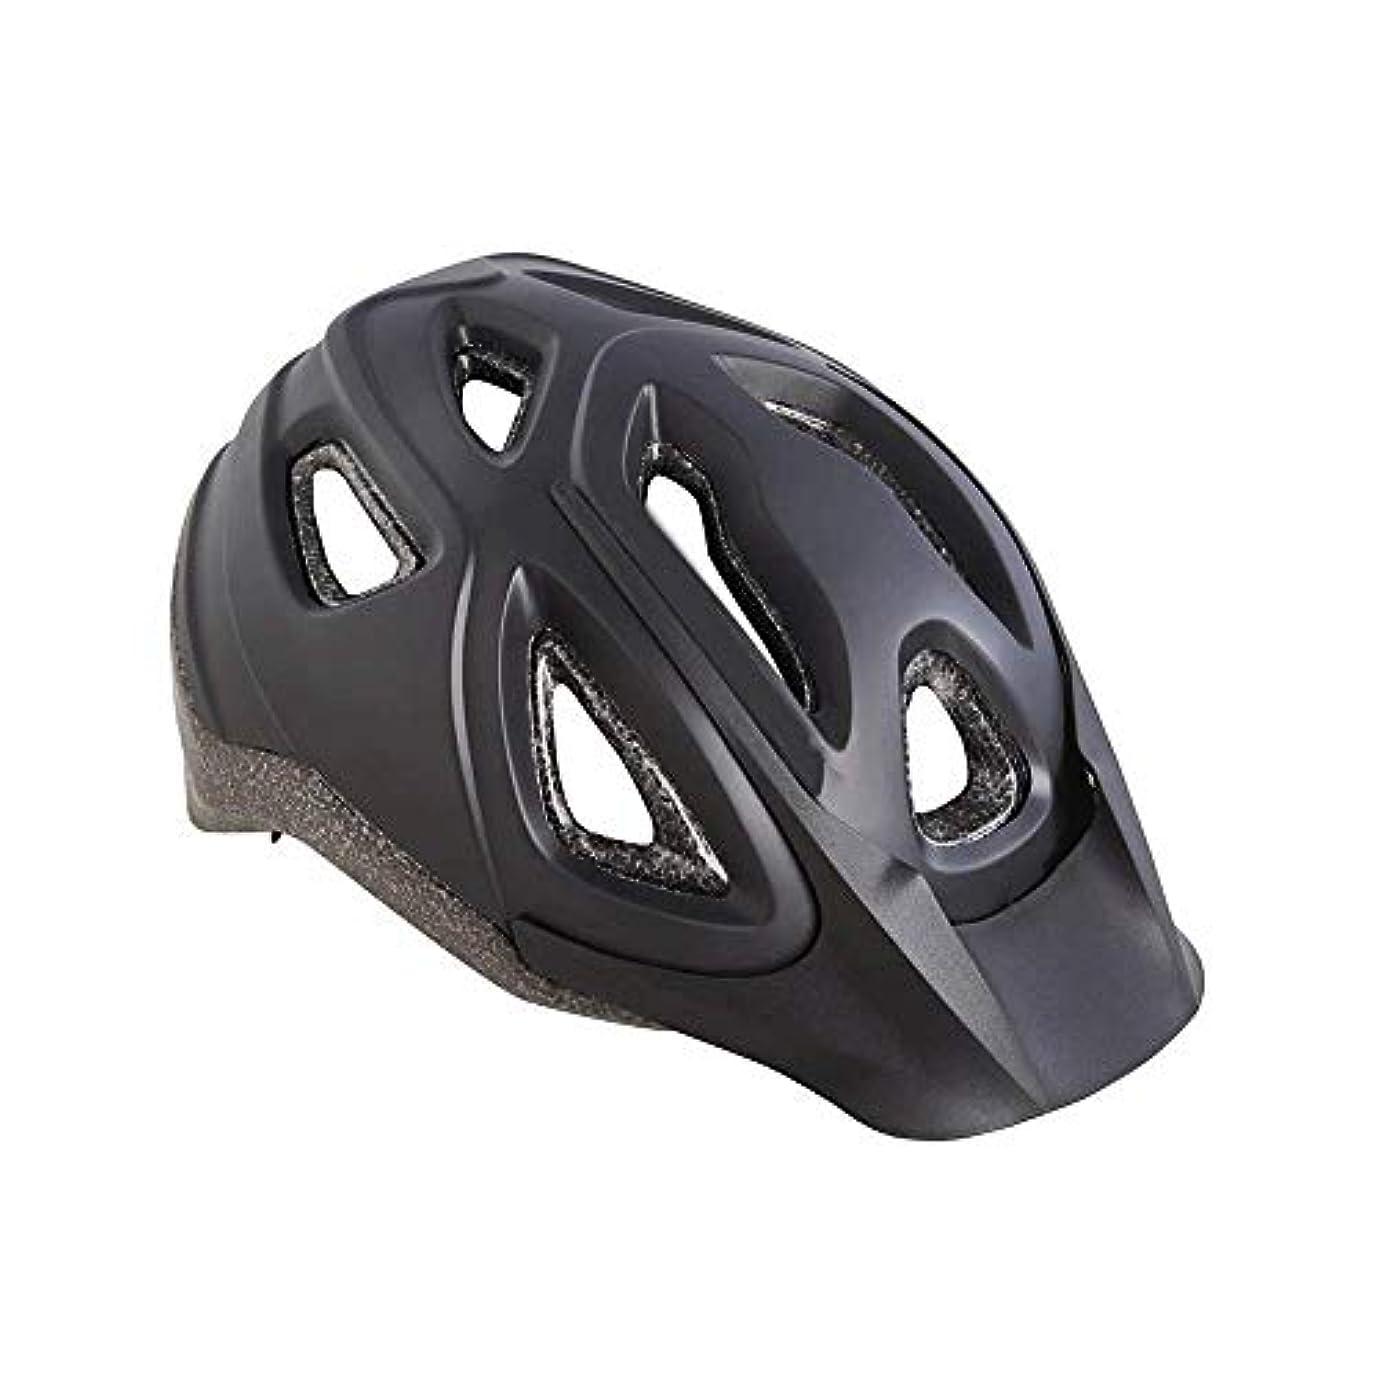 活性化同種の読書をするサイクリングヘルメット道路マウンテンバイク自転車装備女性の男性ヘルメット自転車ヘルメット